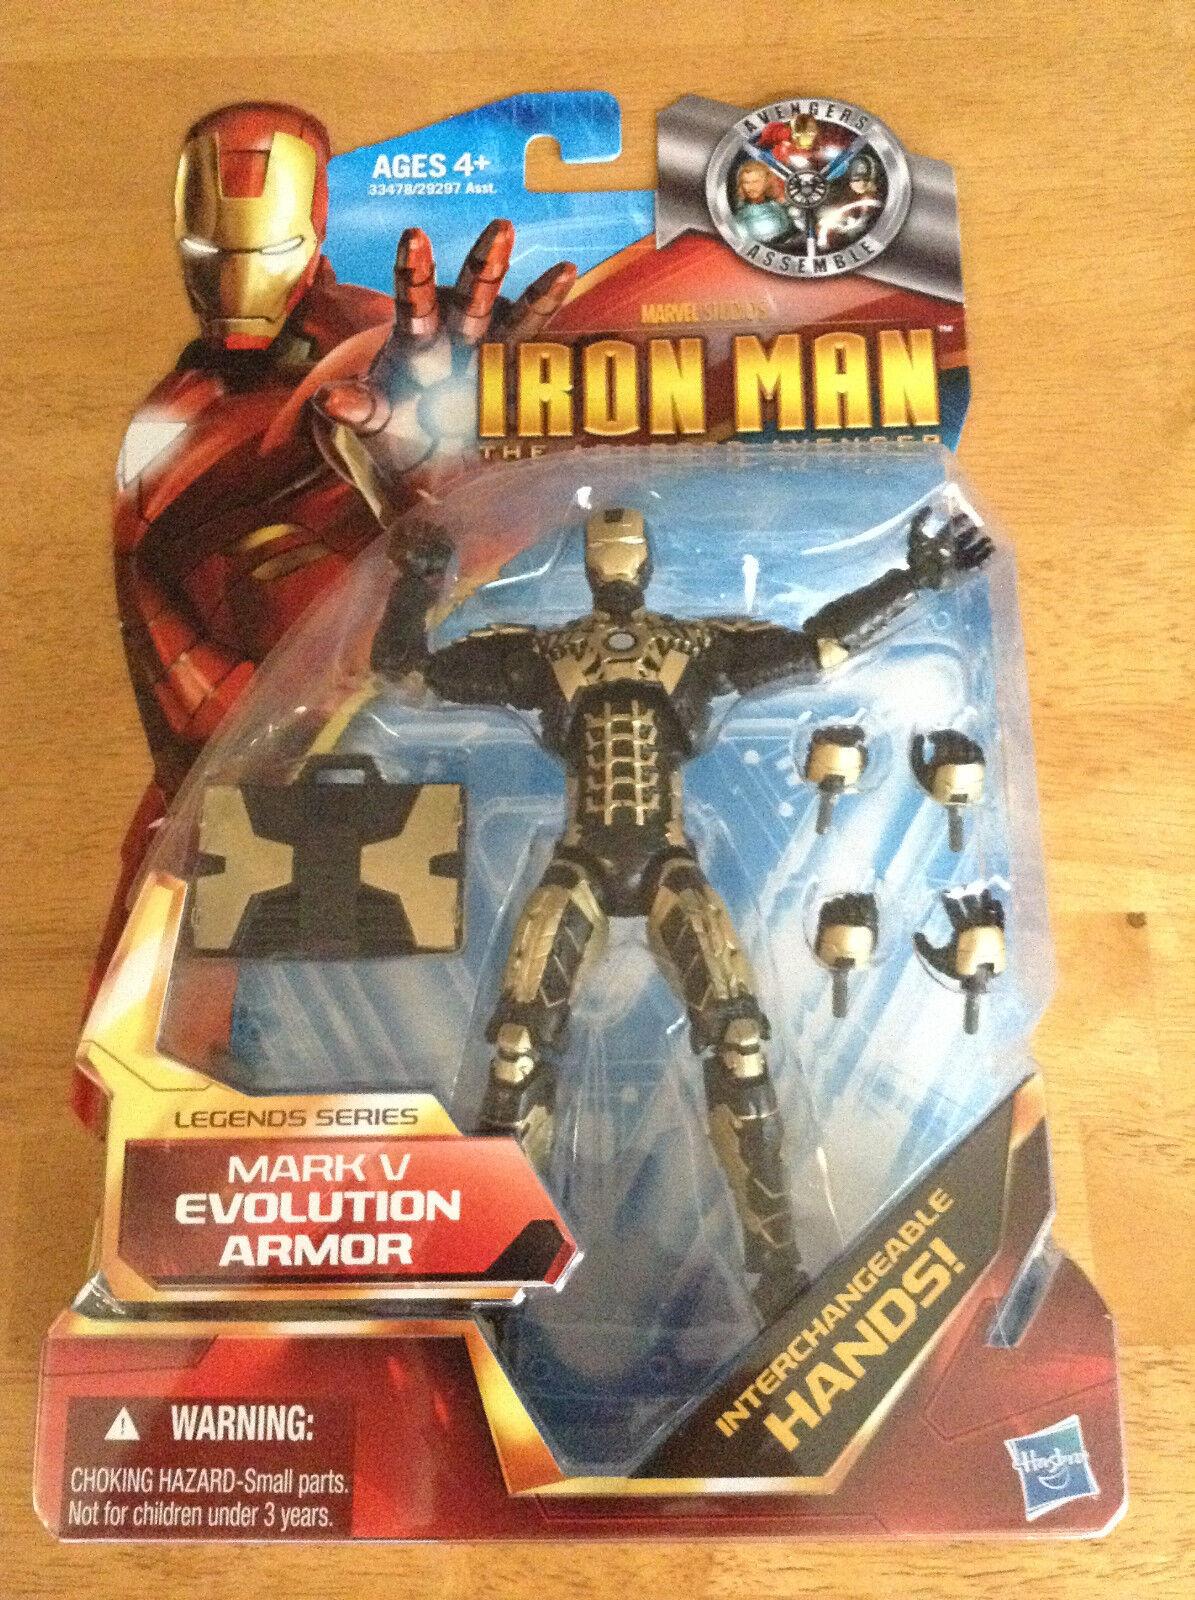 Marvel Legends NEW Figure - MARK V Evolution Armor - Iron Man Armored Avenger